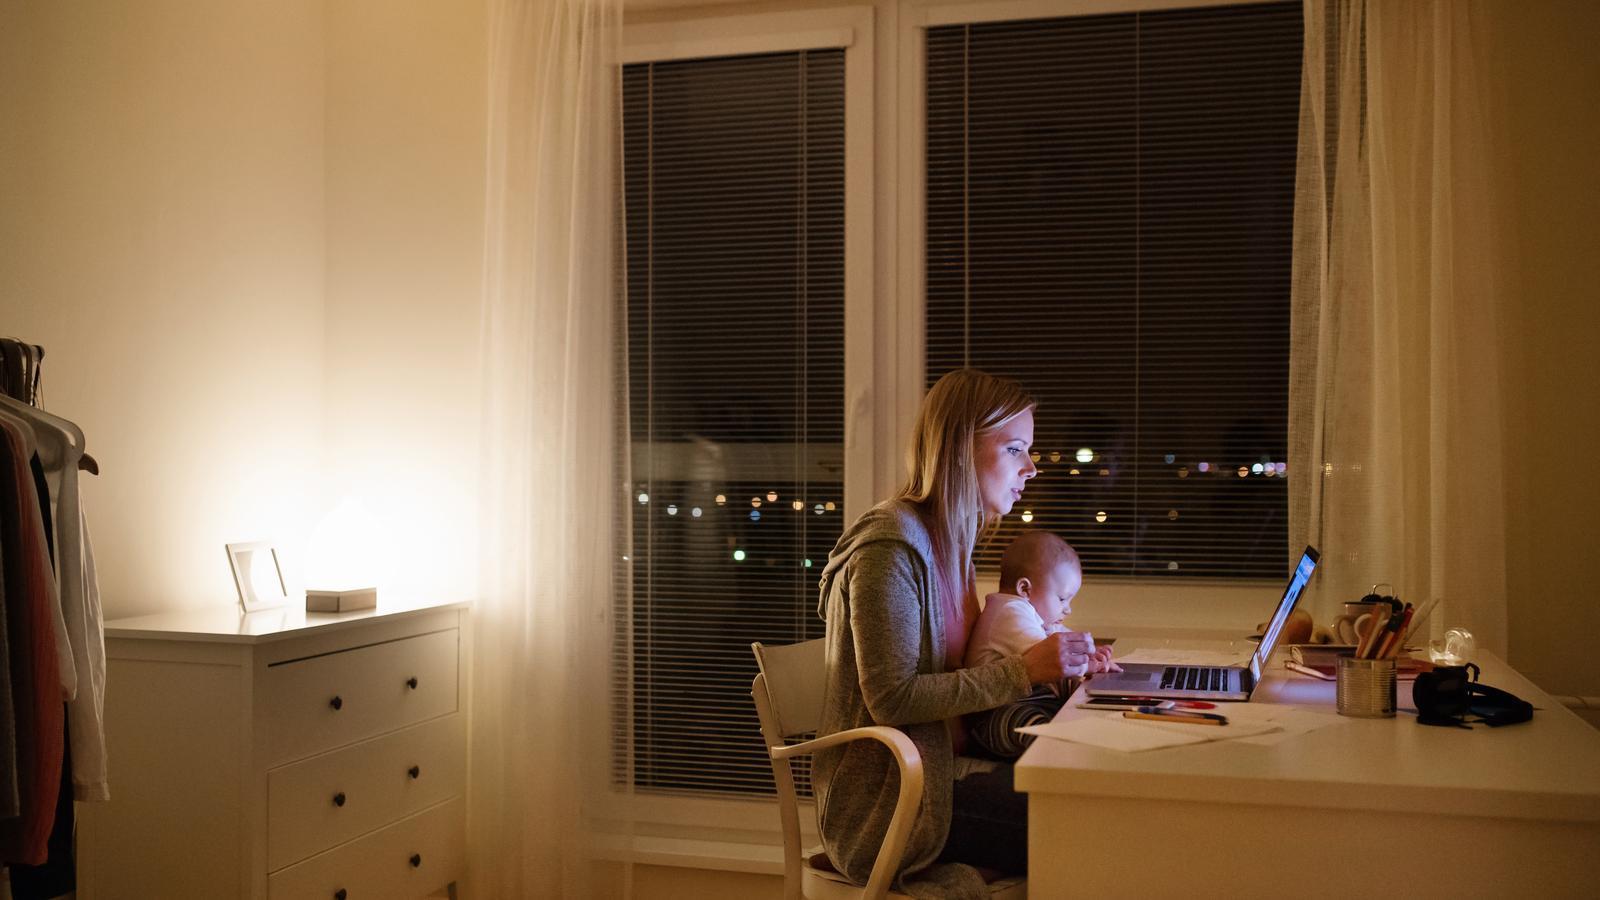 Les dones han teletreballat més, han fet més tasques domèstiques i han tingut més cura dels nens durant el confinament